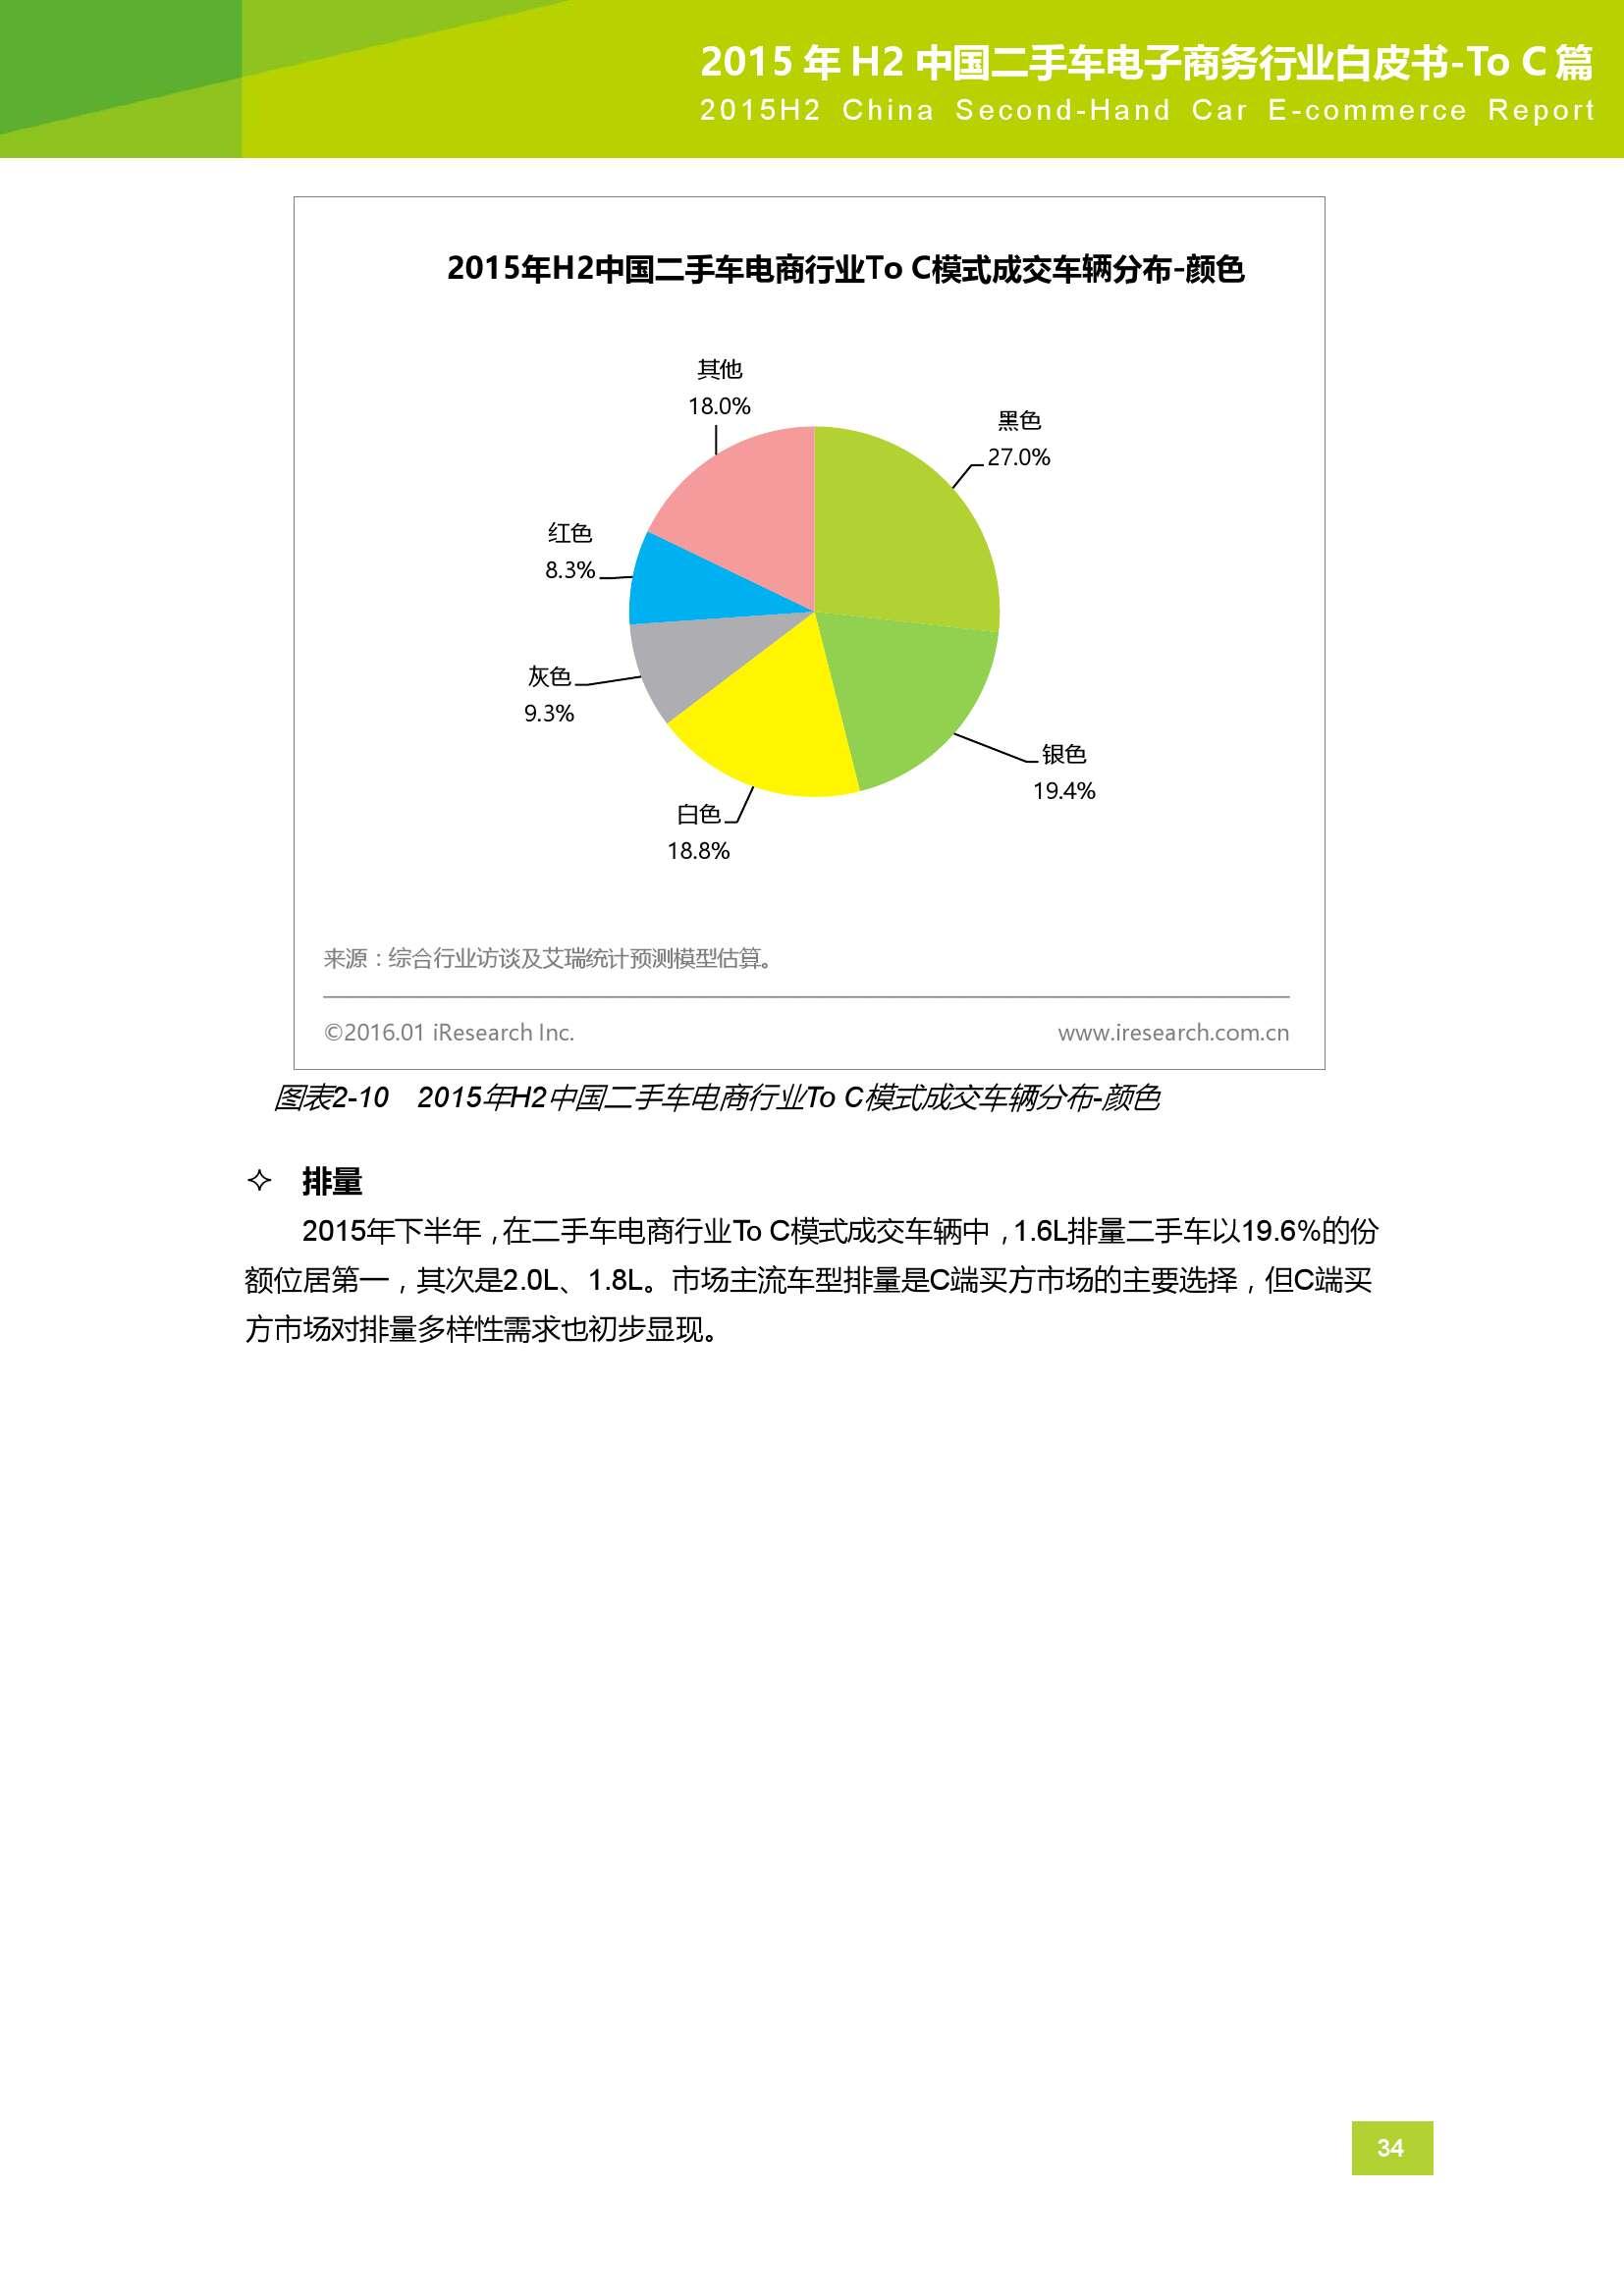 2015年H2中国二手车电子商务行业白皮书_000034